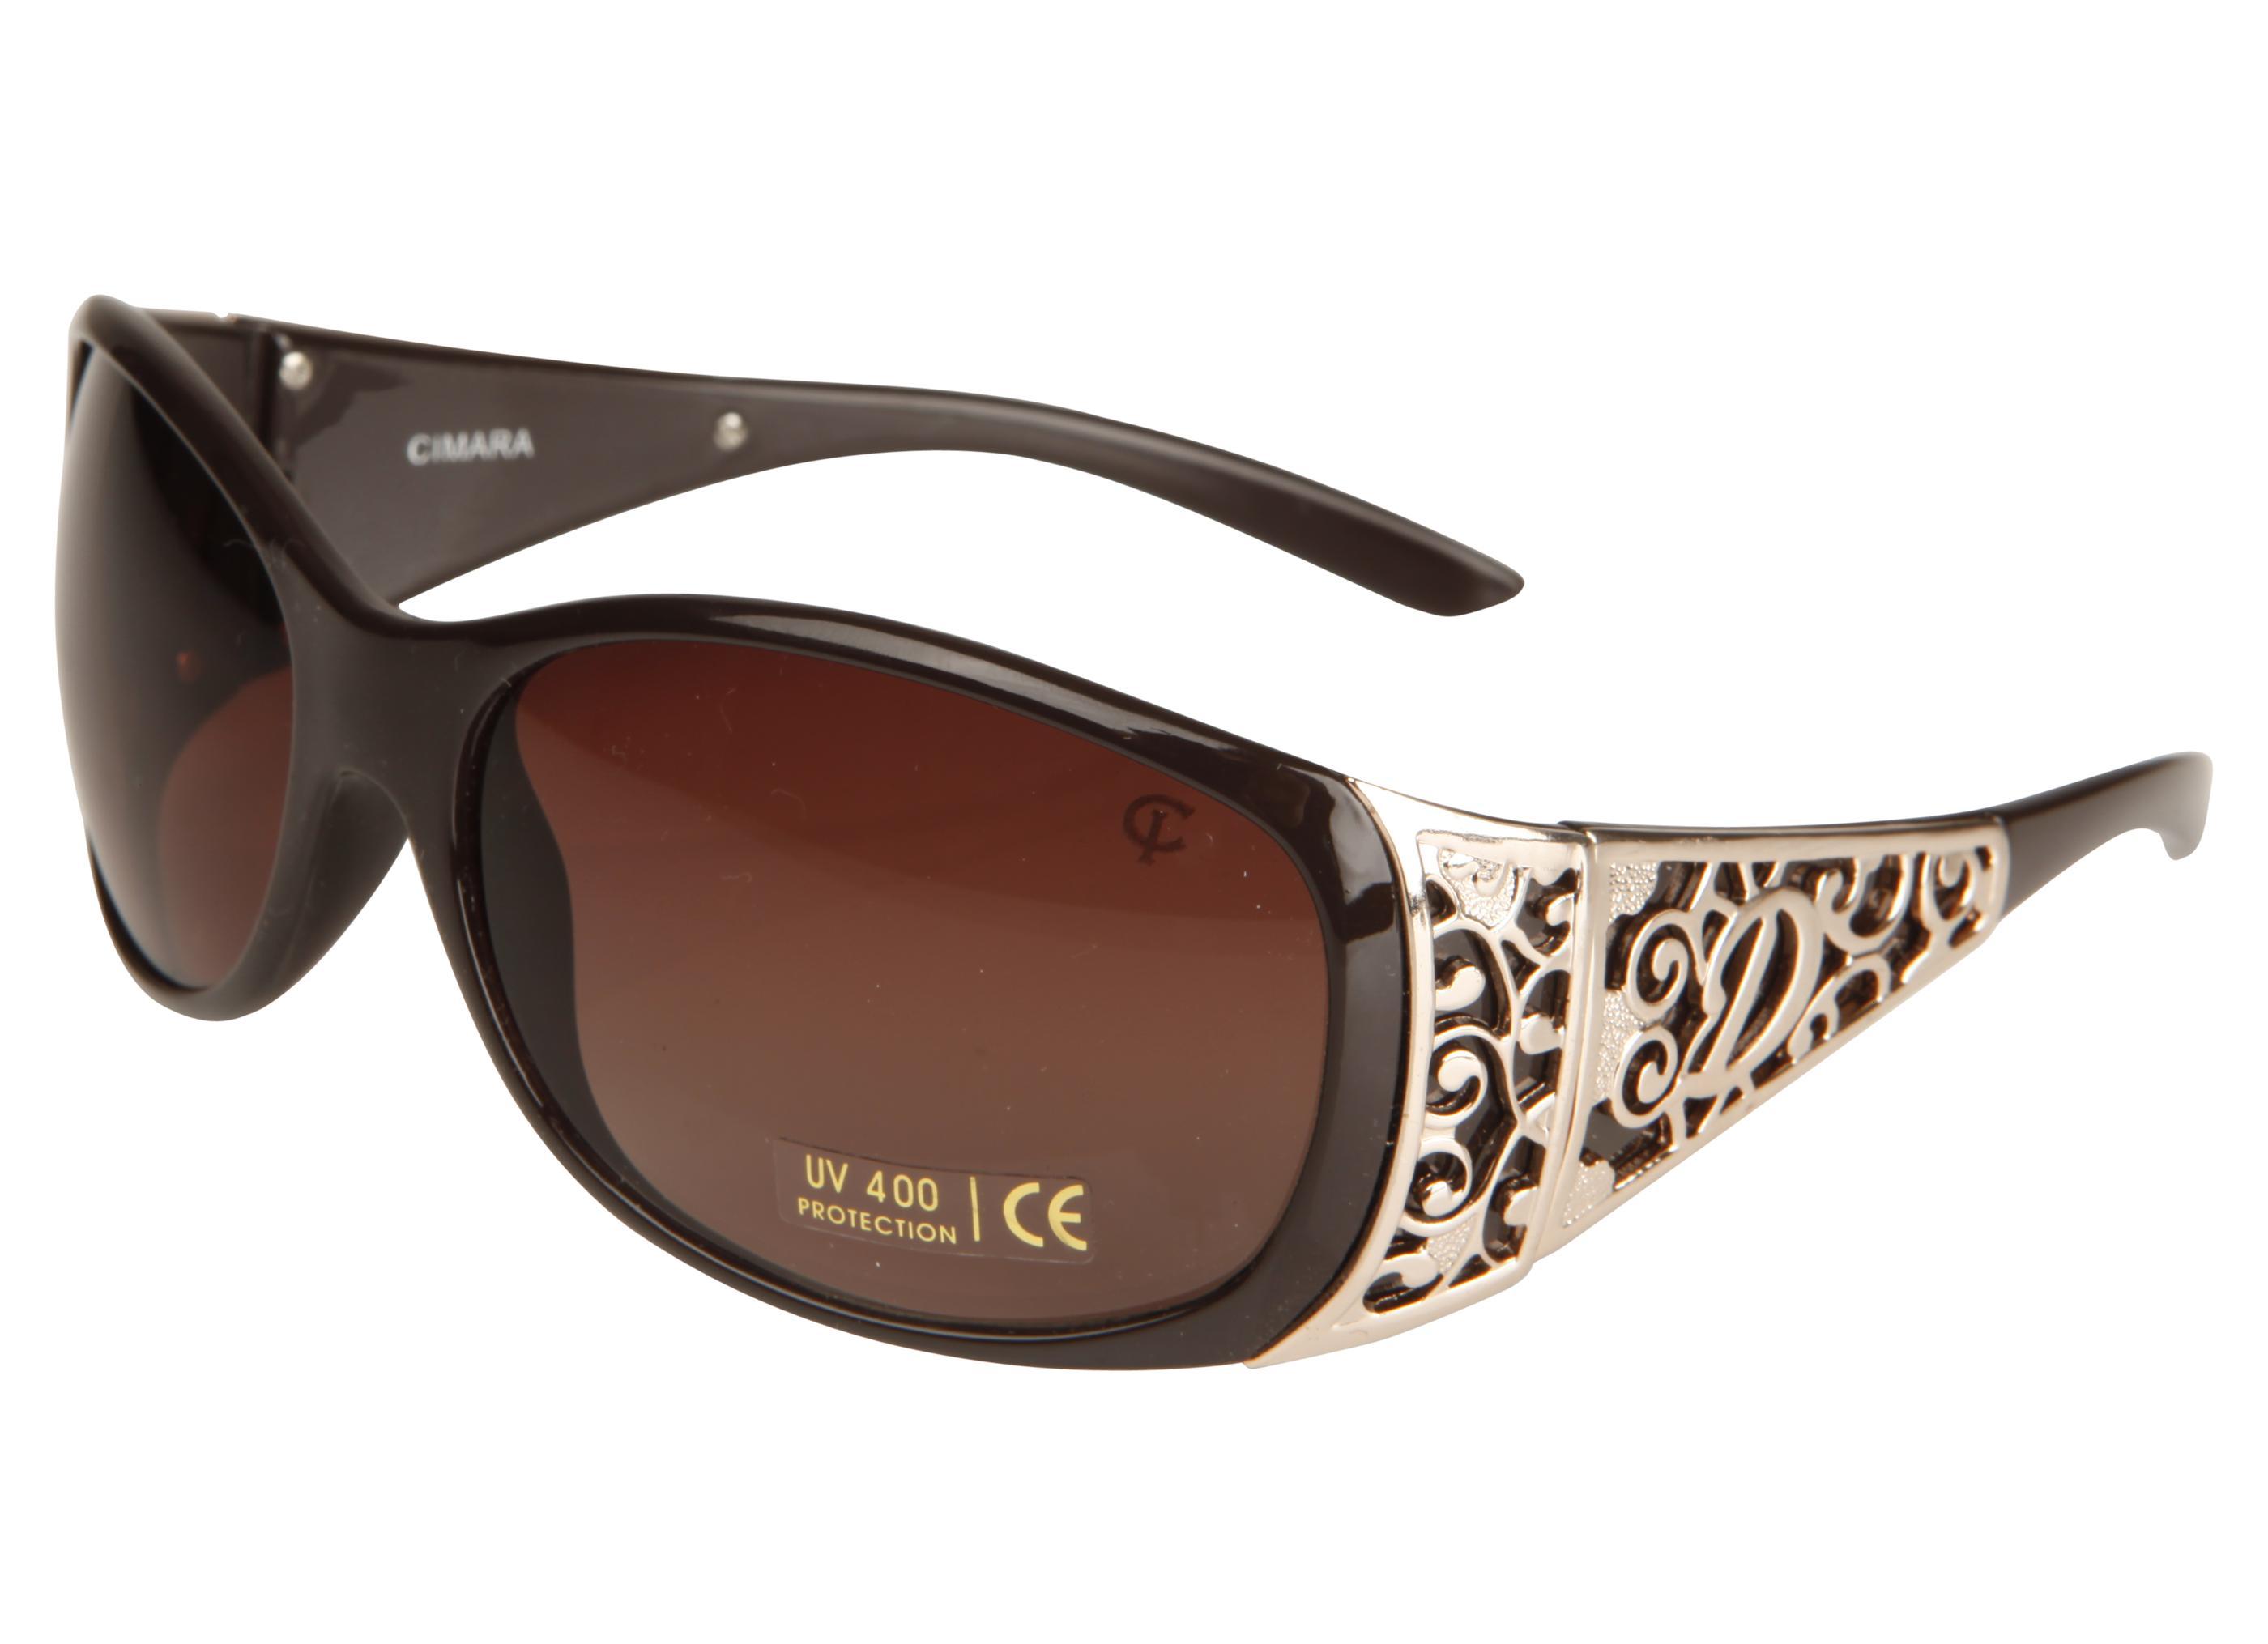 Cimara Damen-Sonnenbrille